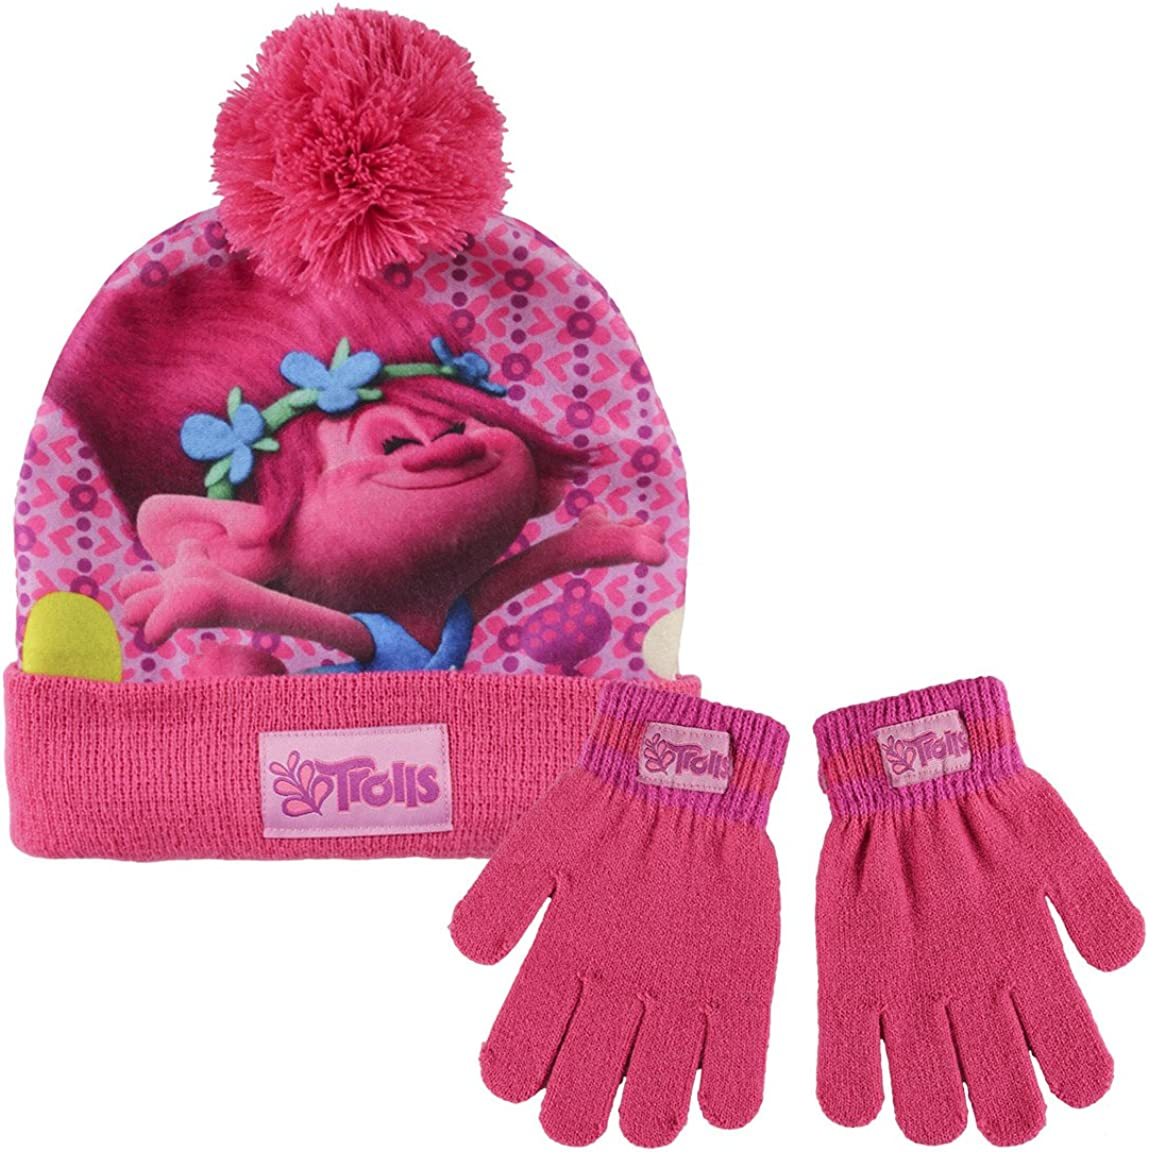 Cerd/á Girls 879286 Cap One Size Pink